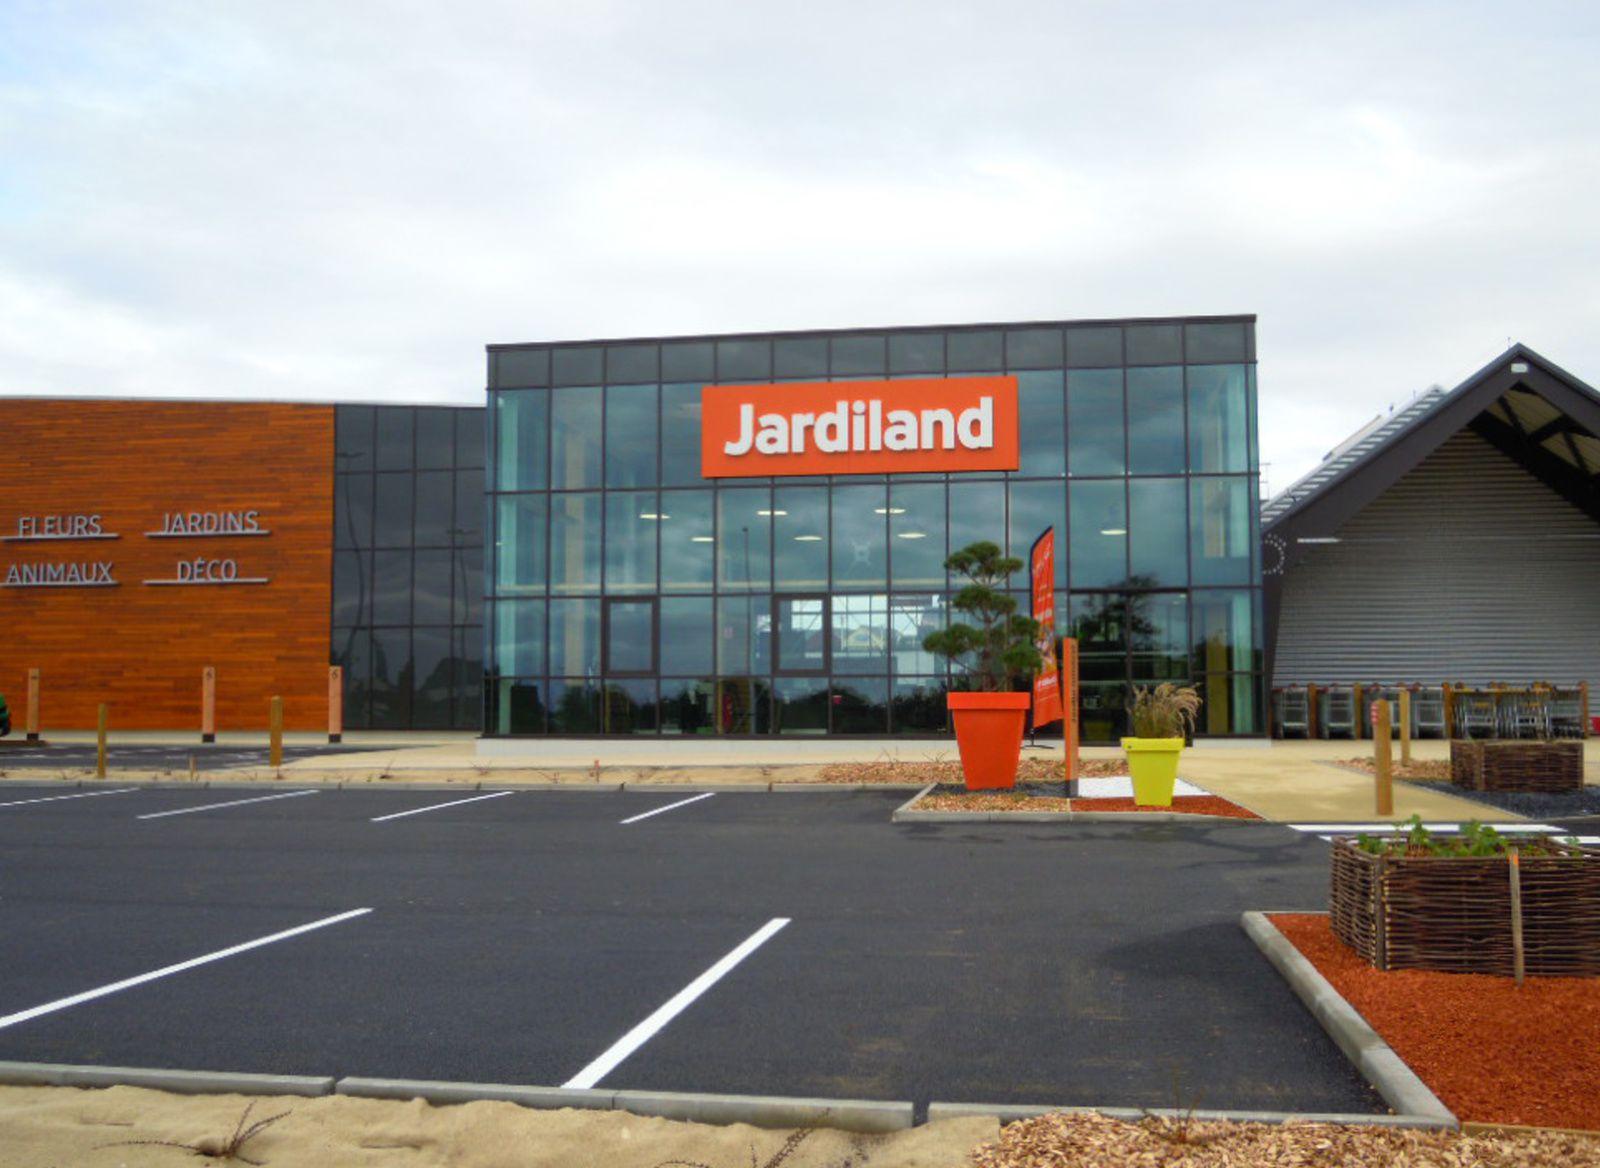 JARDILAND GUERANDE